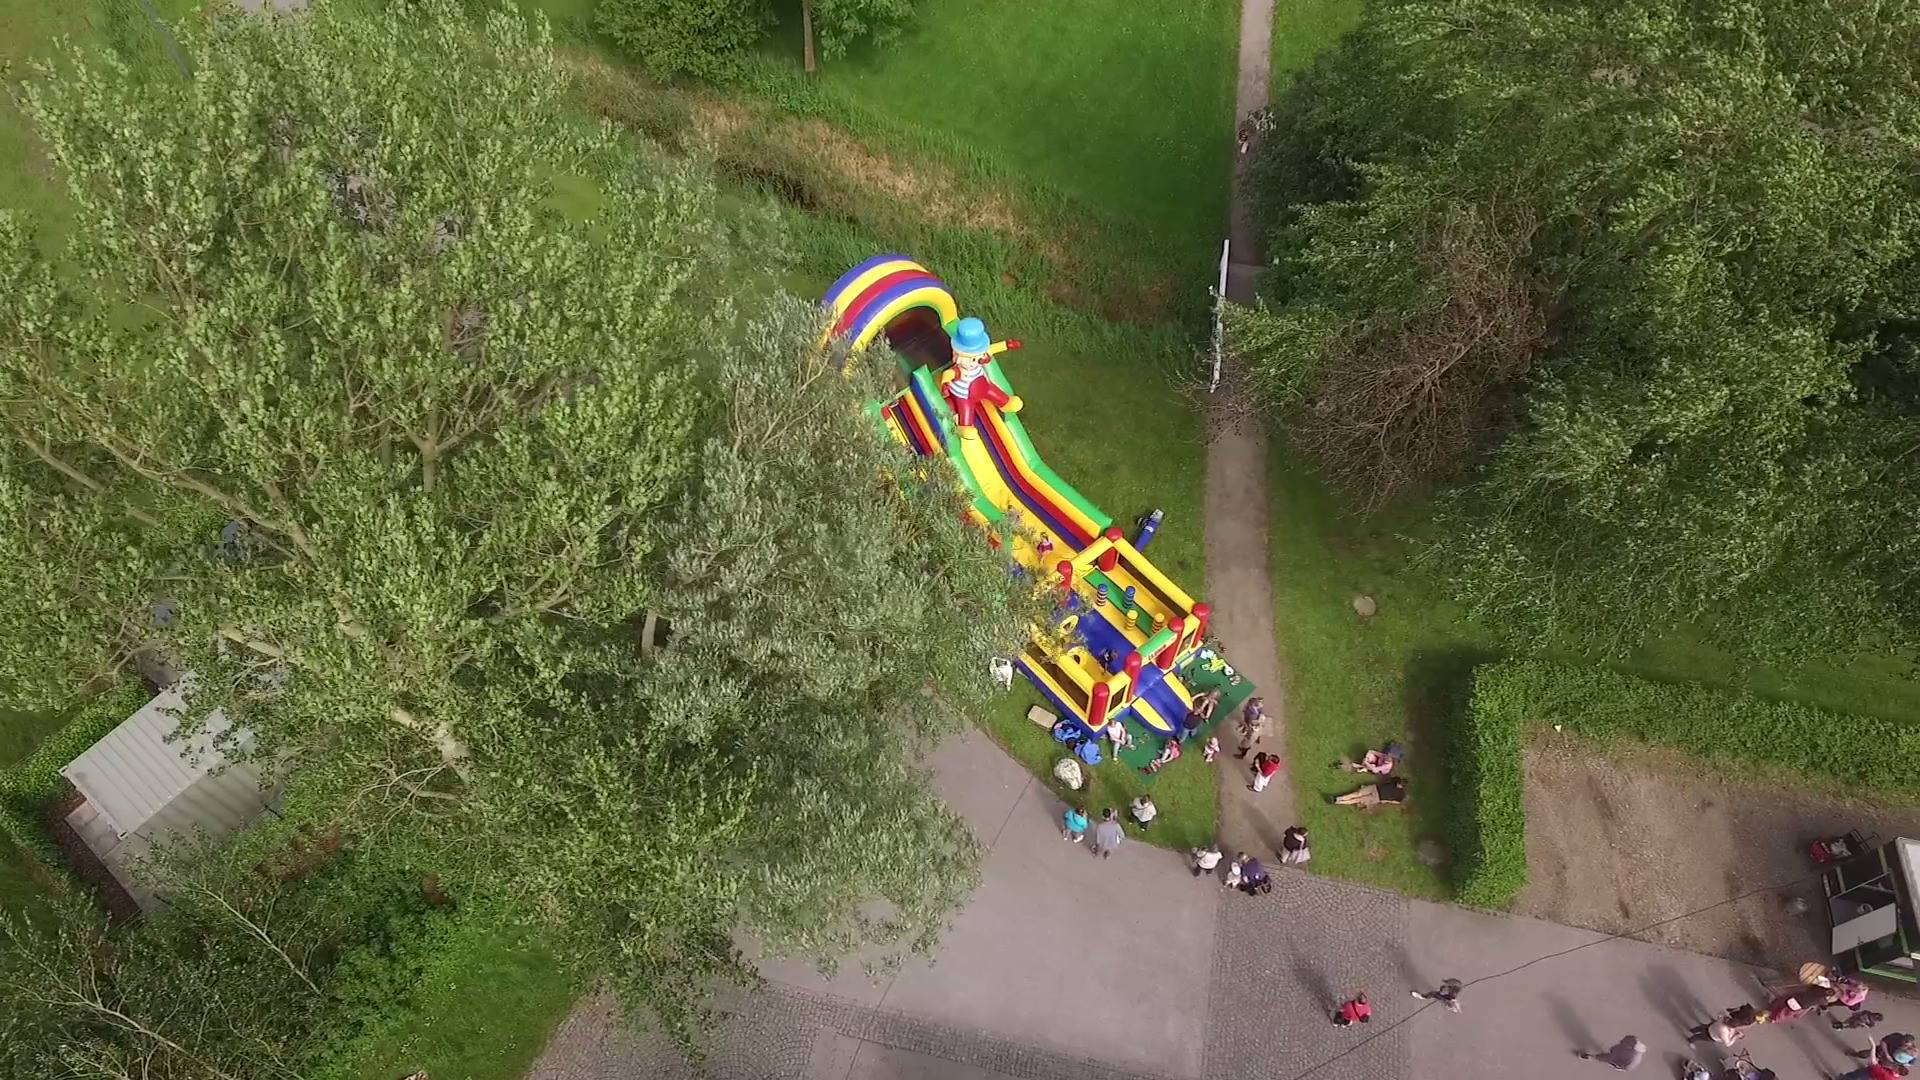 Seebüller Kinder- und Familienfest